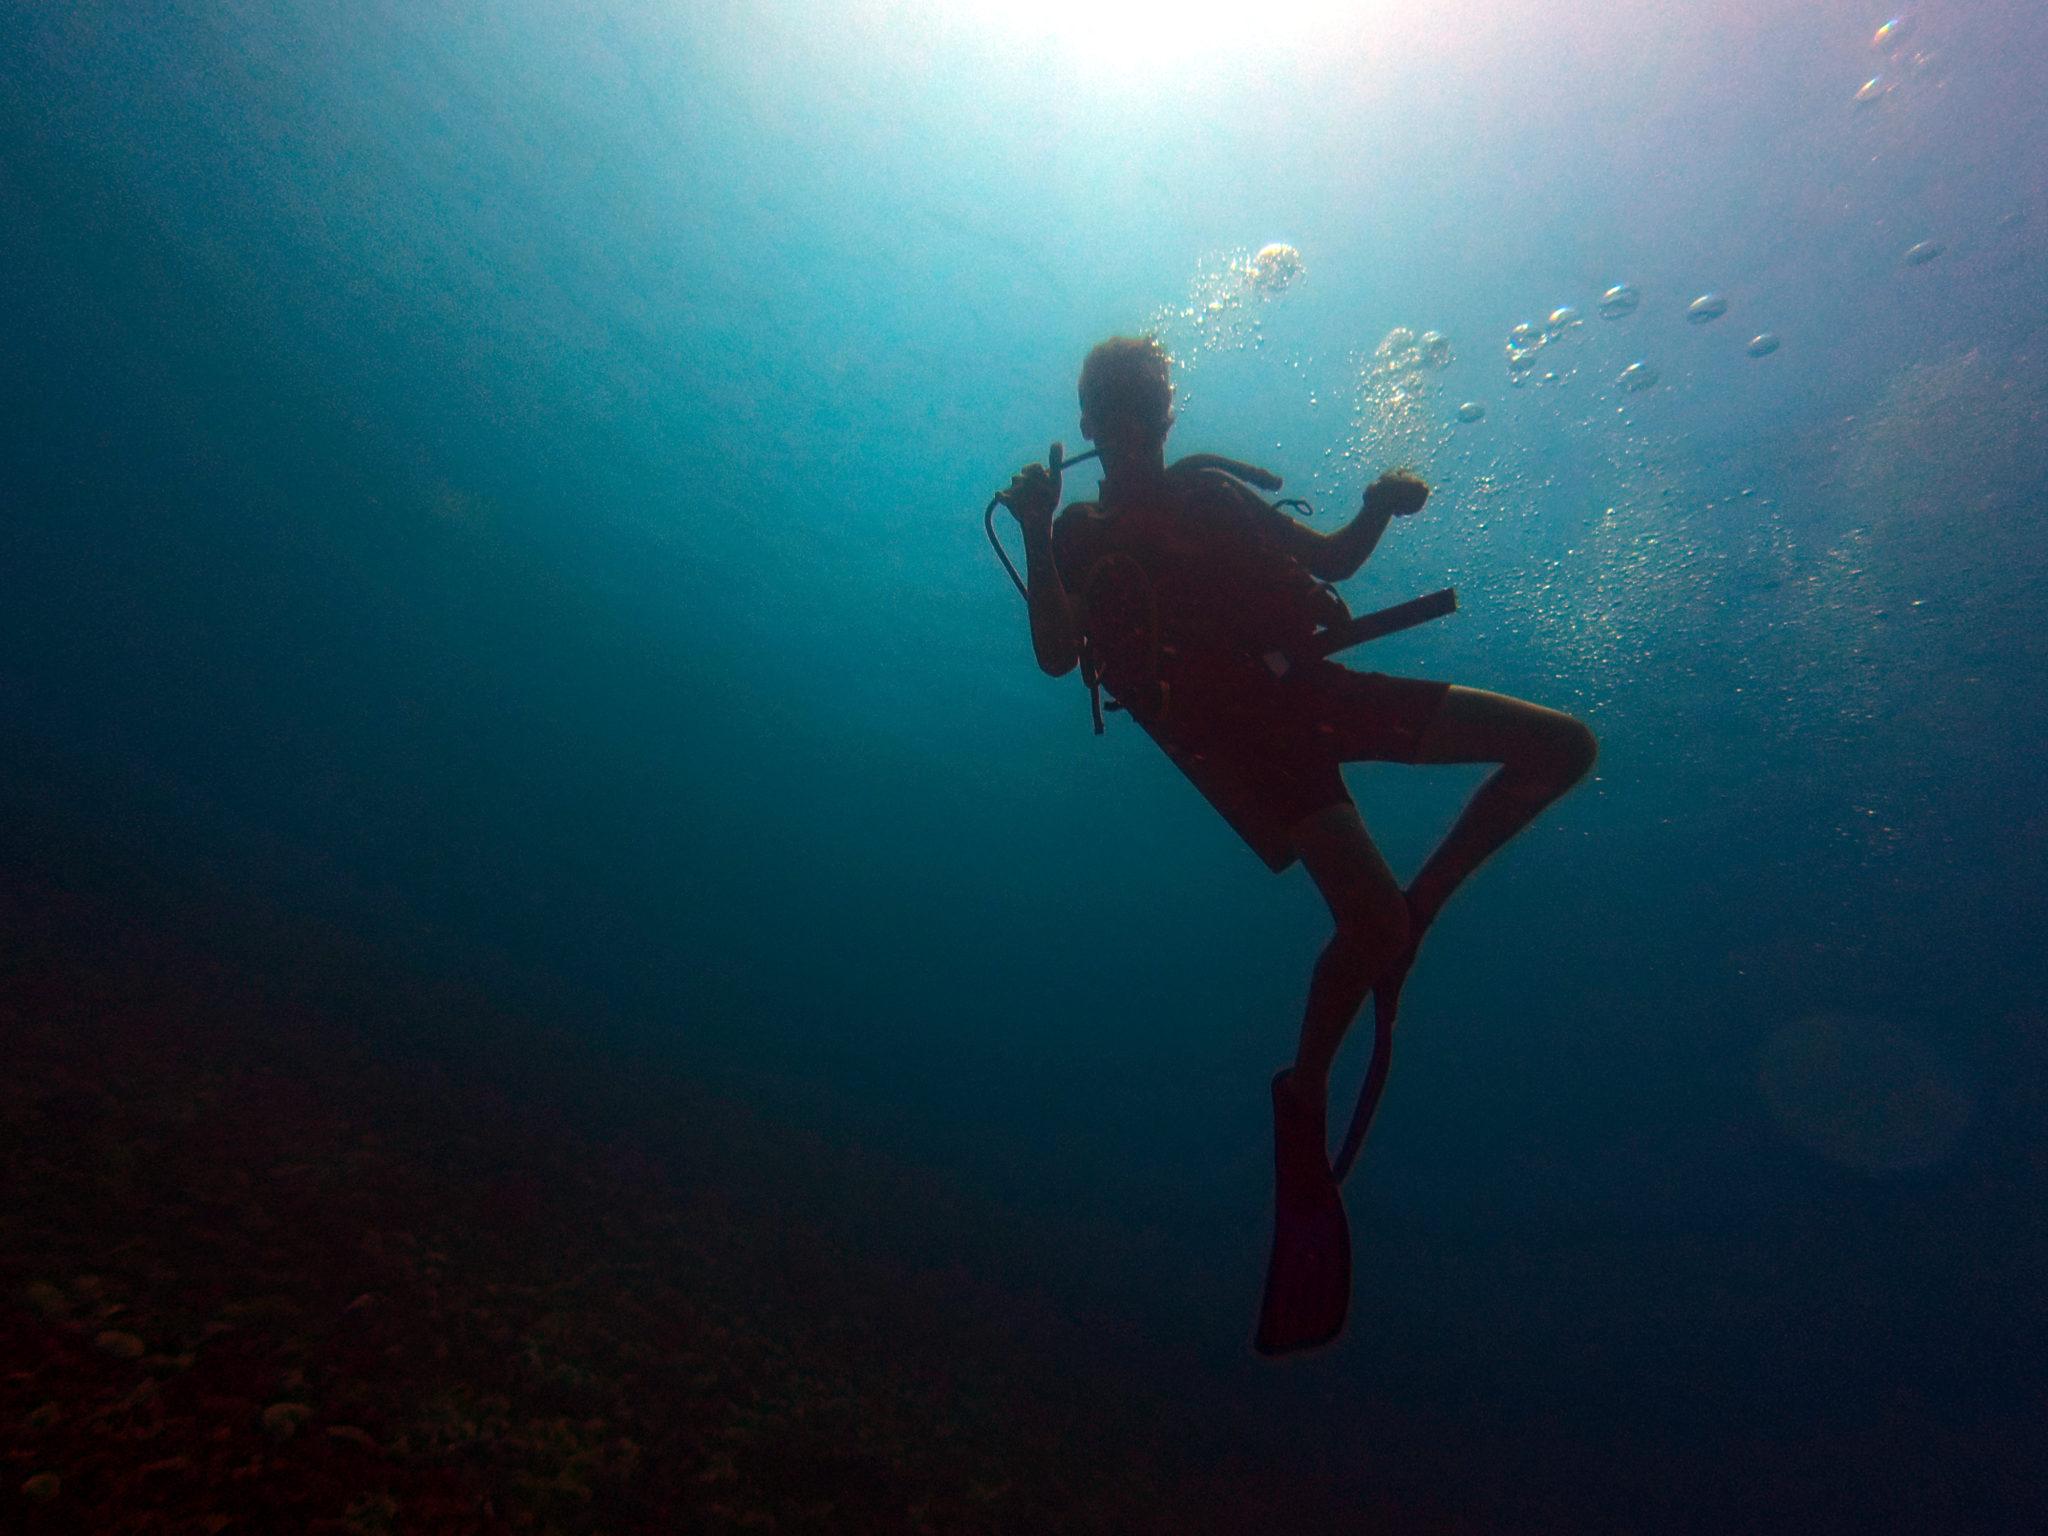 Umrisse von Marcel mit Tauchausrüstung unter Wasser.